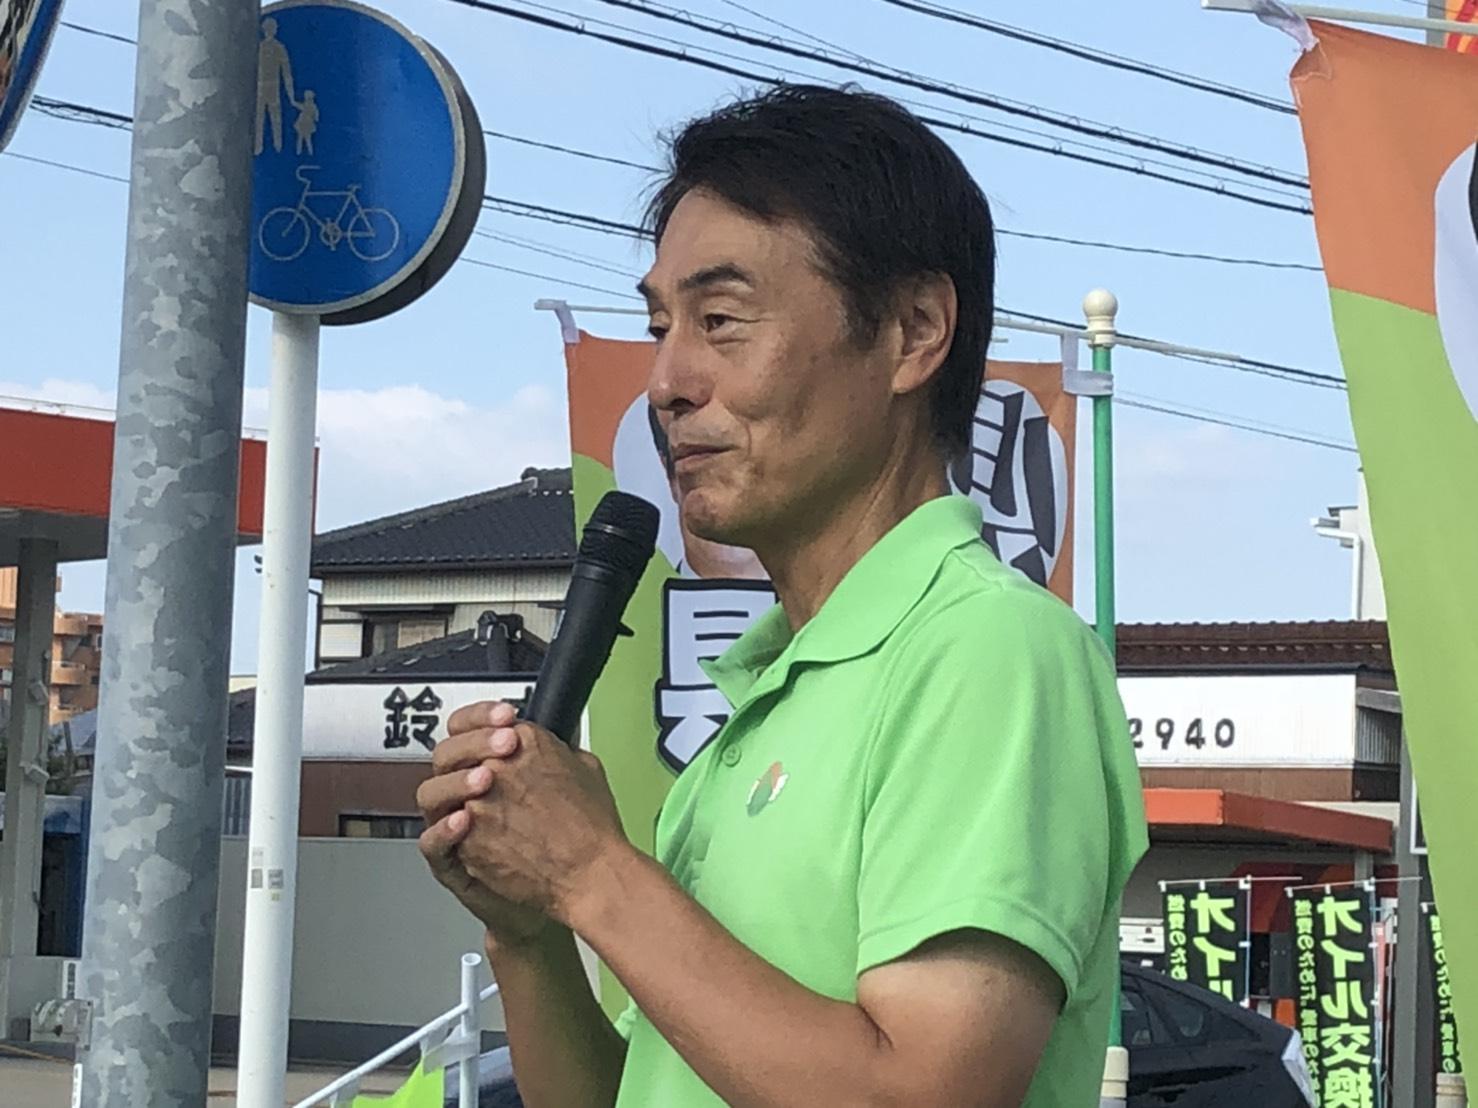 週も各所で県政報告を続けています   岡崎市 幸田町の公立小中学校の普通教室のエアコン設置 あいちサラダめしプロジェクト 竜の子街道などを報告しました